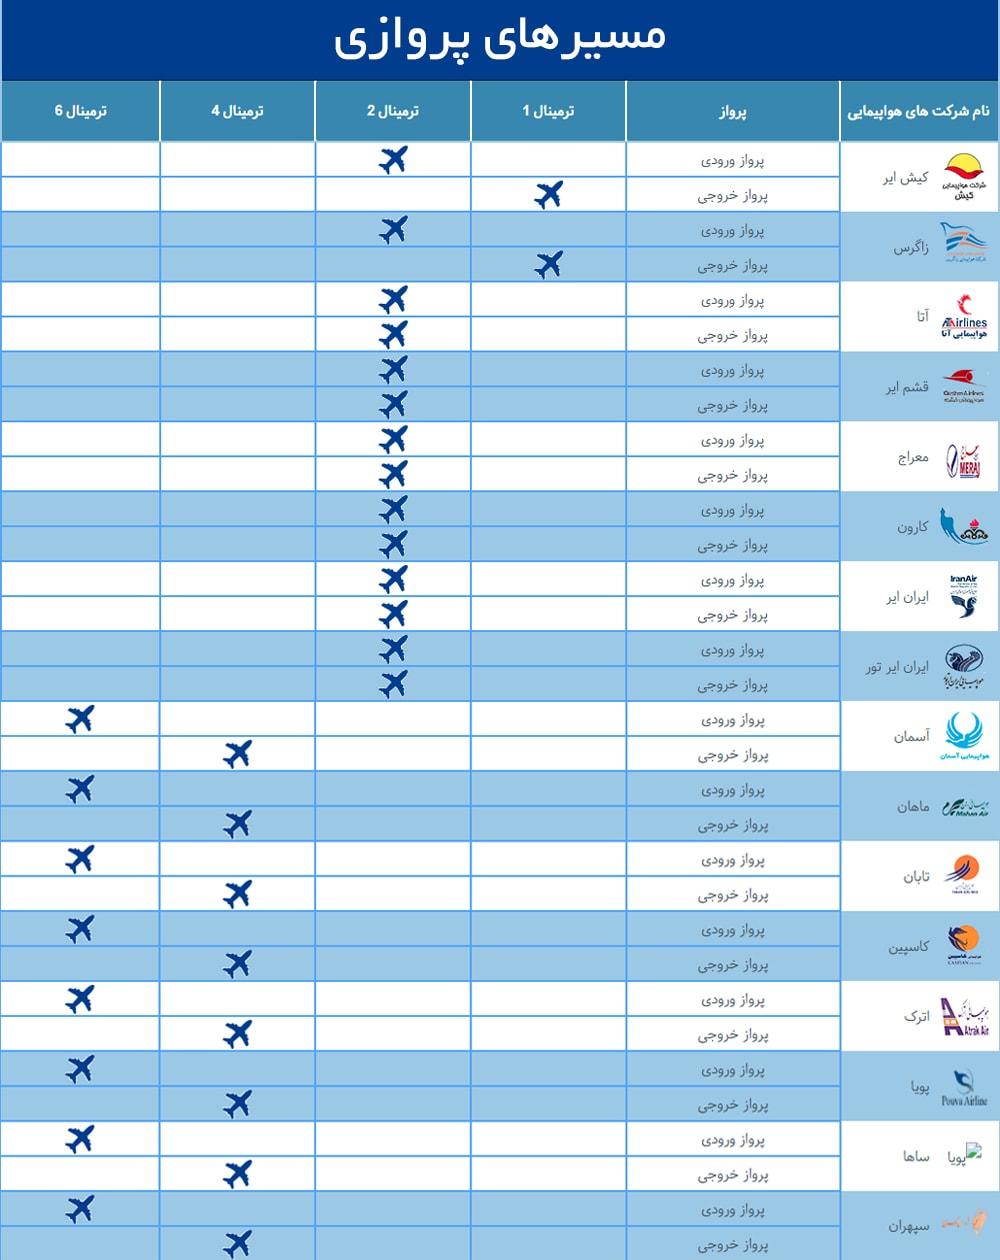 راهنمای ترمینال های فرودگاه مهرآباد